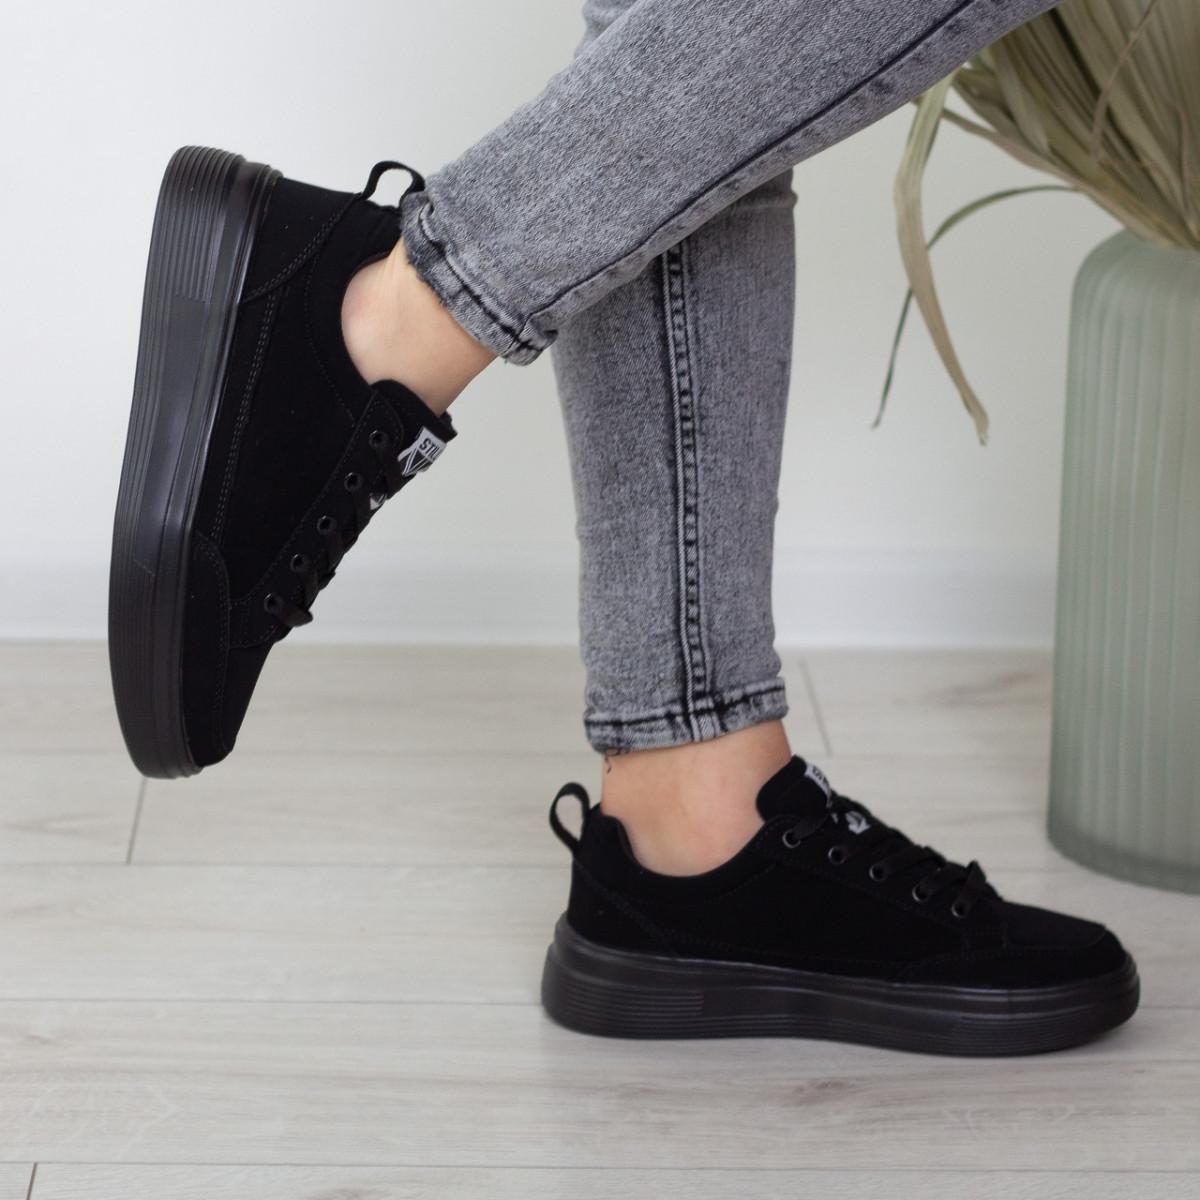 Кеды женские Fashion Apachie 2515 38 размер 24,5 см Черный